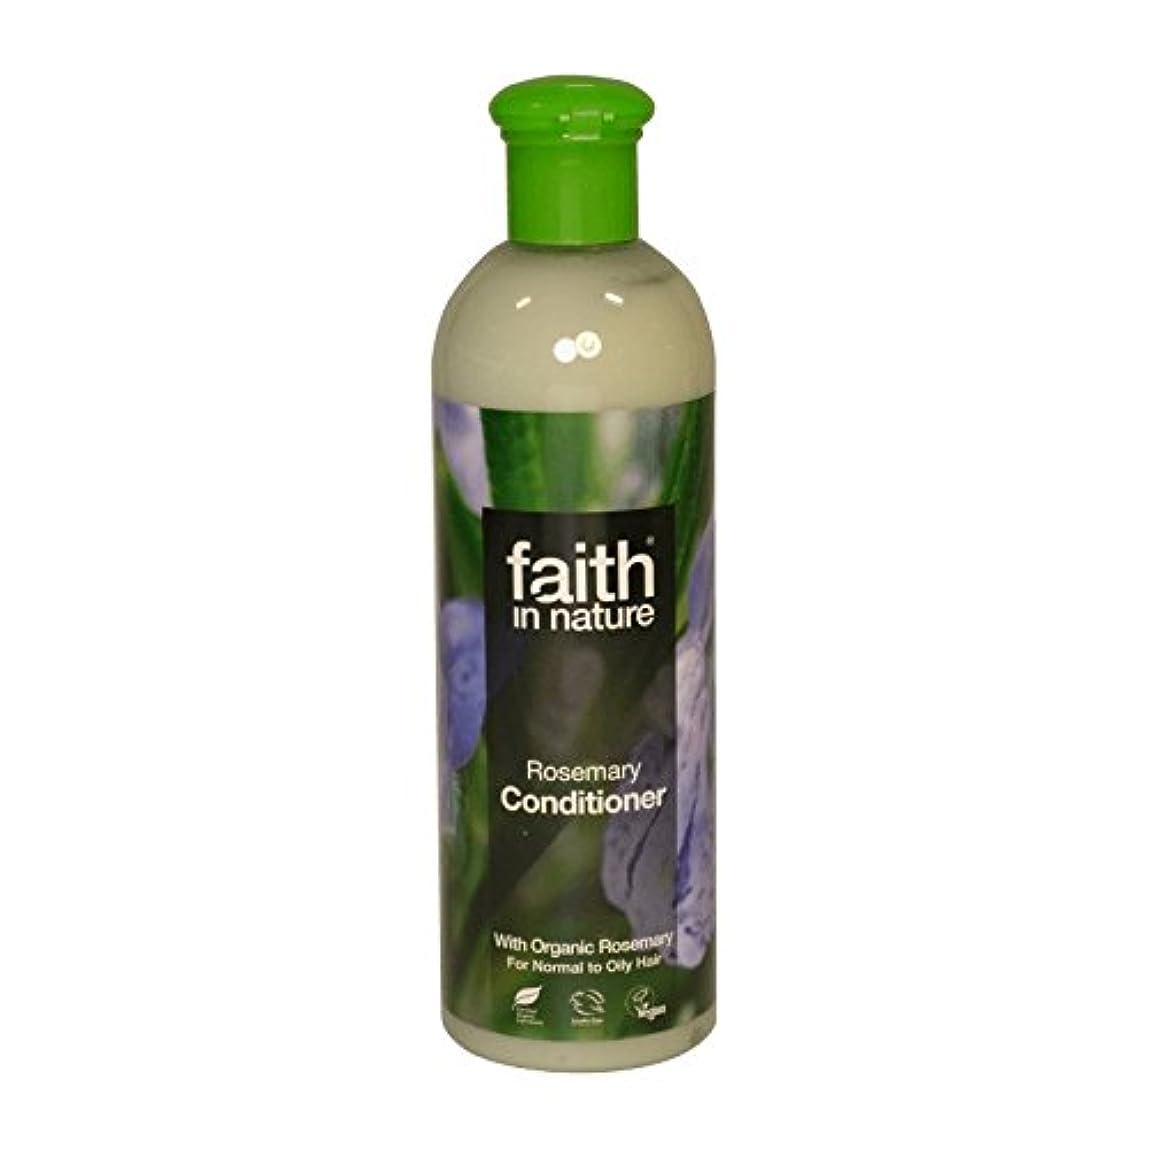 無法者わずかな固体自然ローズマリーコンディショナー400ミリリットルの信仰 - Faith in Nature Rosemary Conditioner 400ml (Faith in Nature) [並行輸入品]